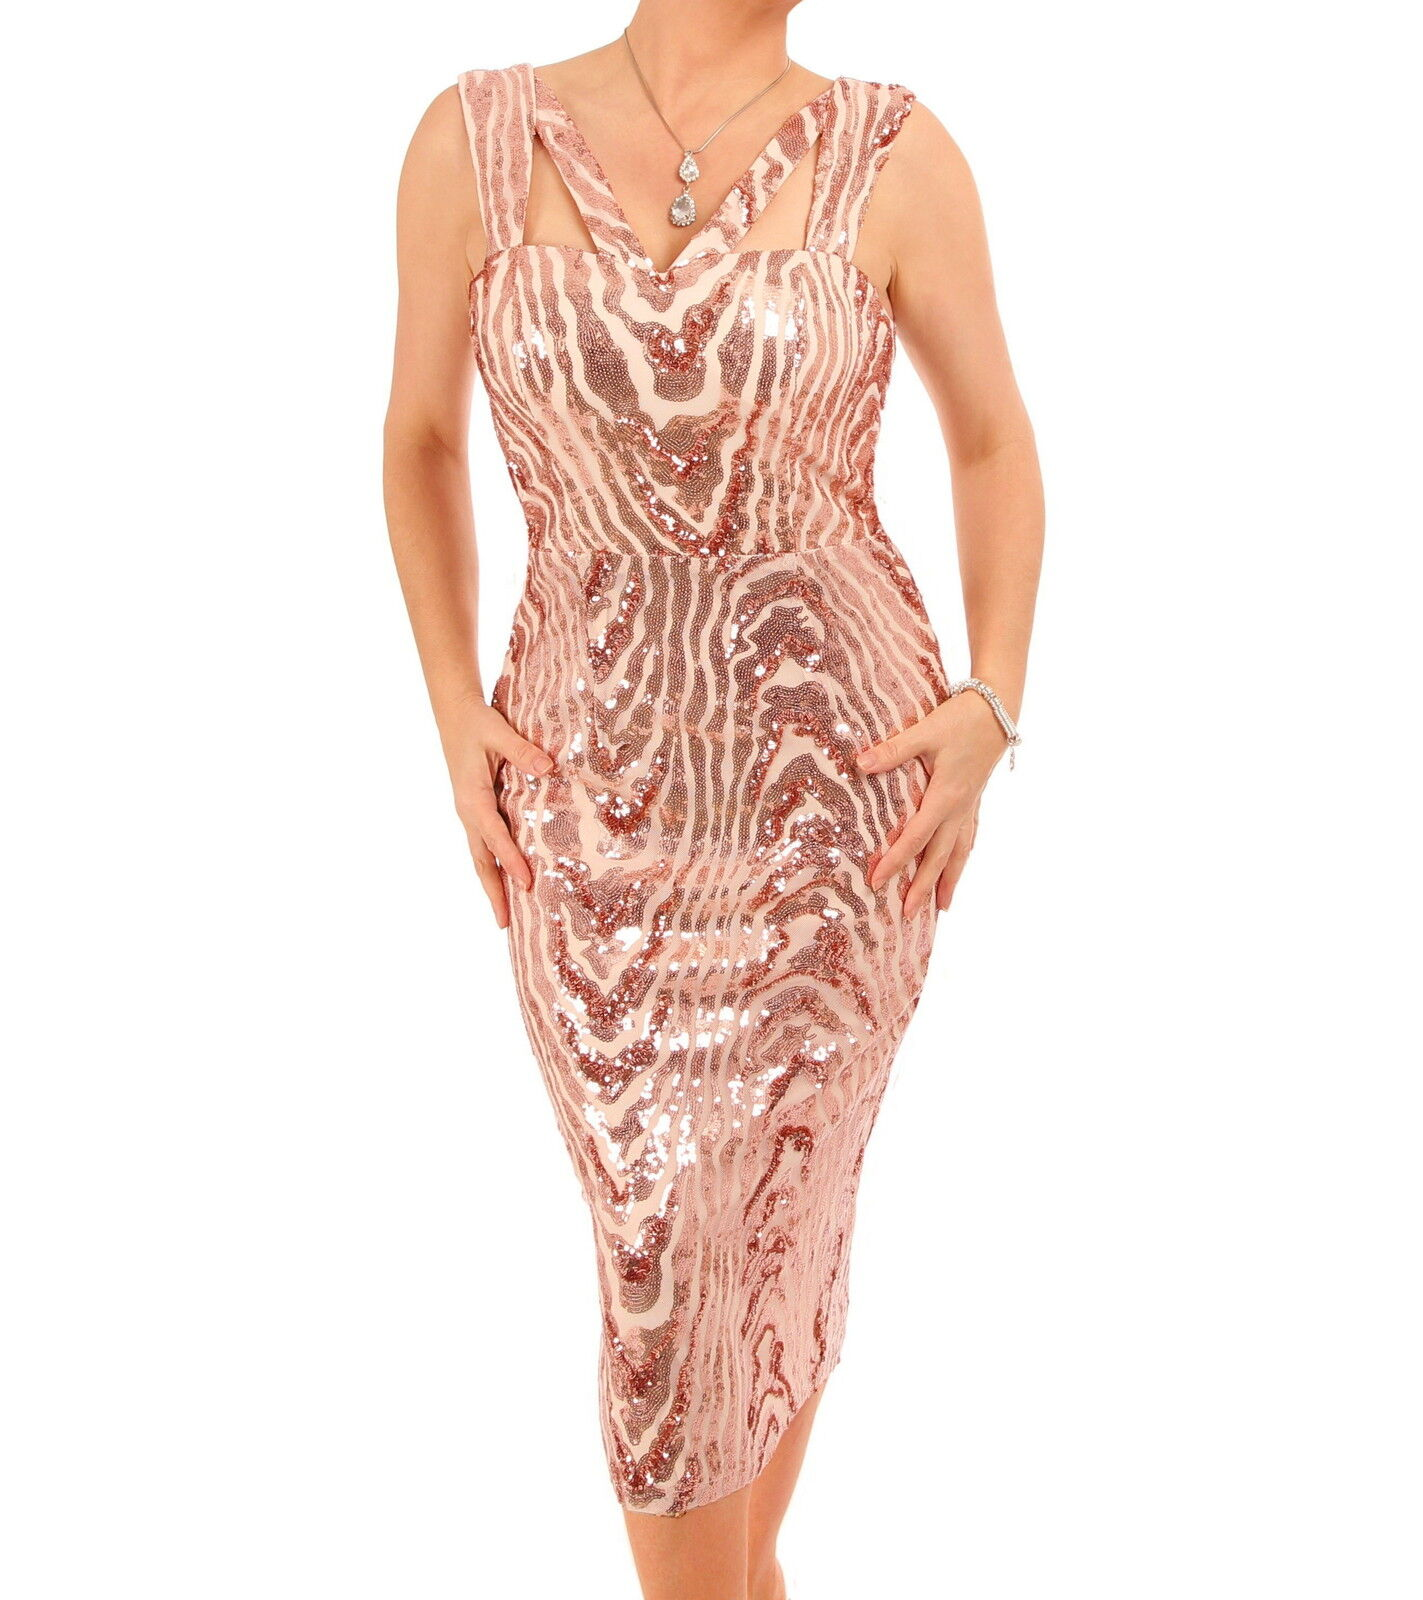 NEU Riemchen Paillette Midi Kleid - RotGold oder schwarz